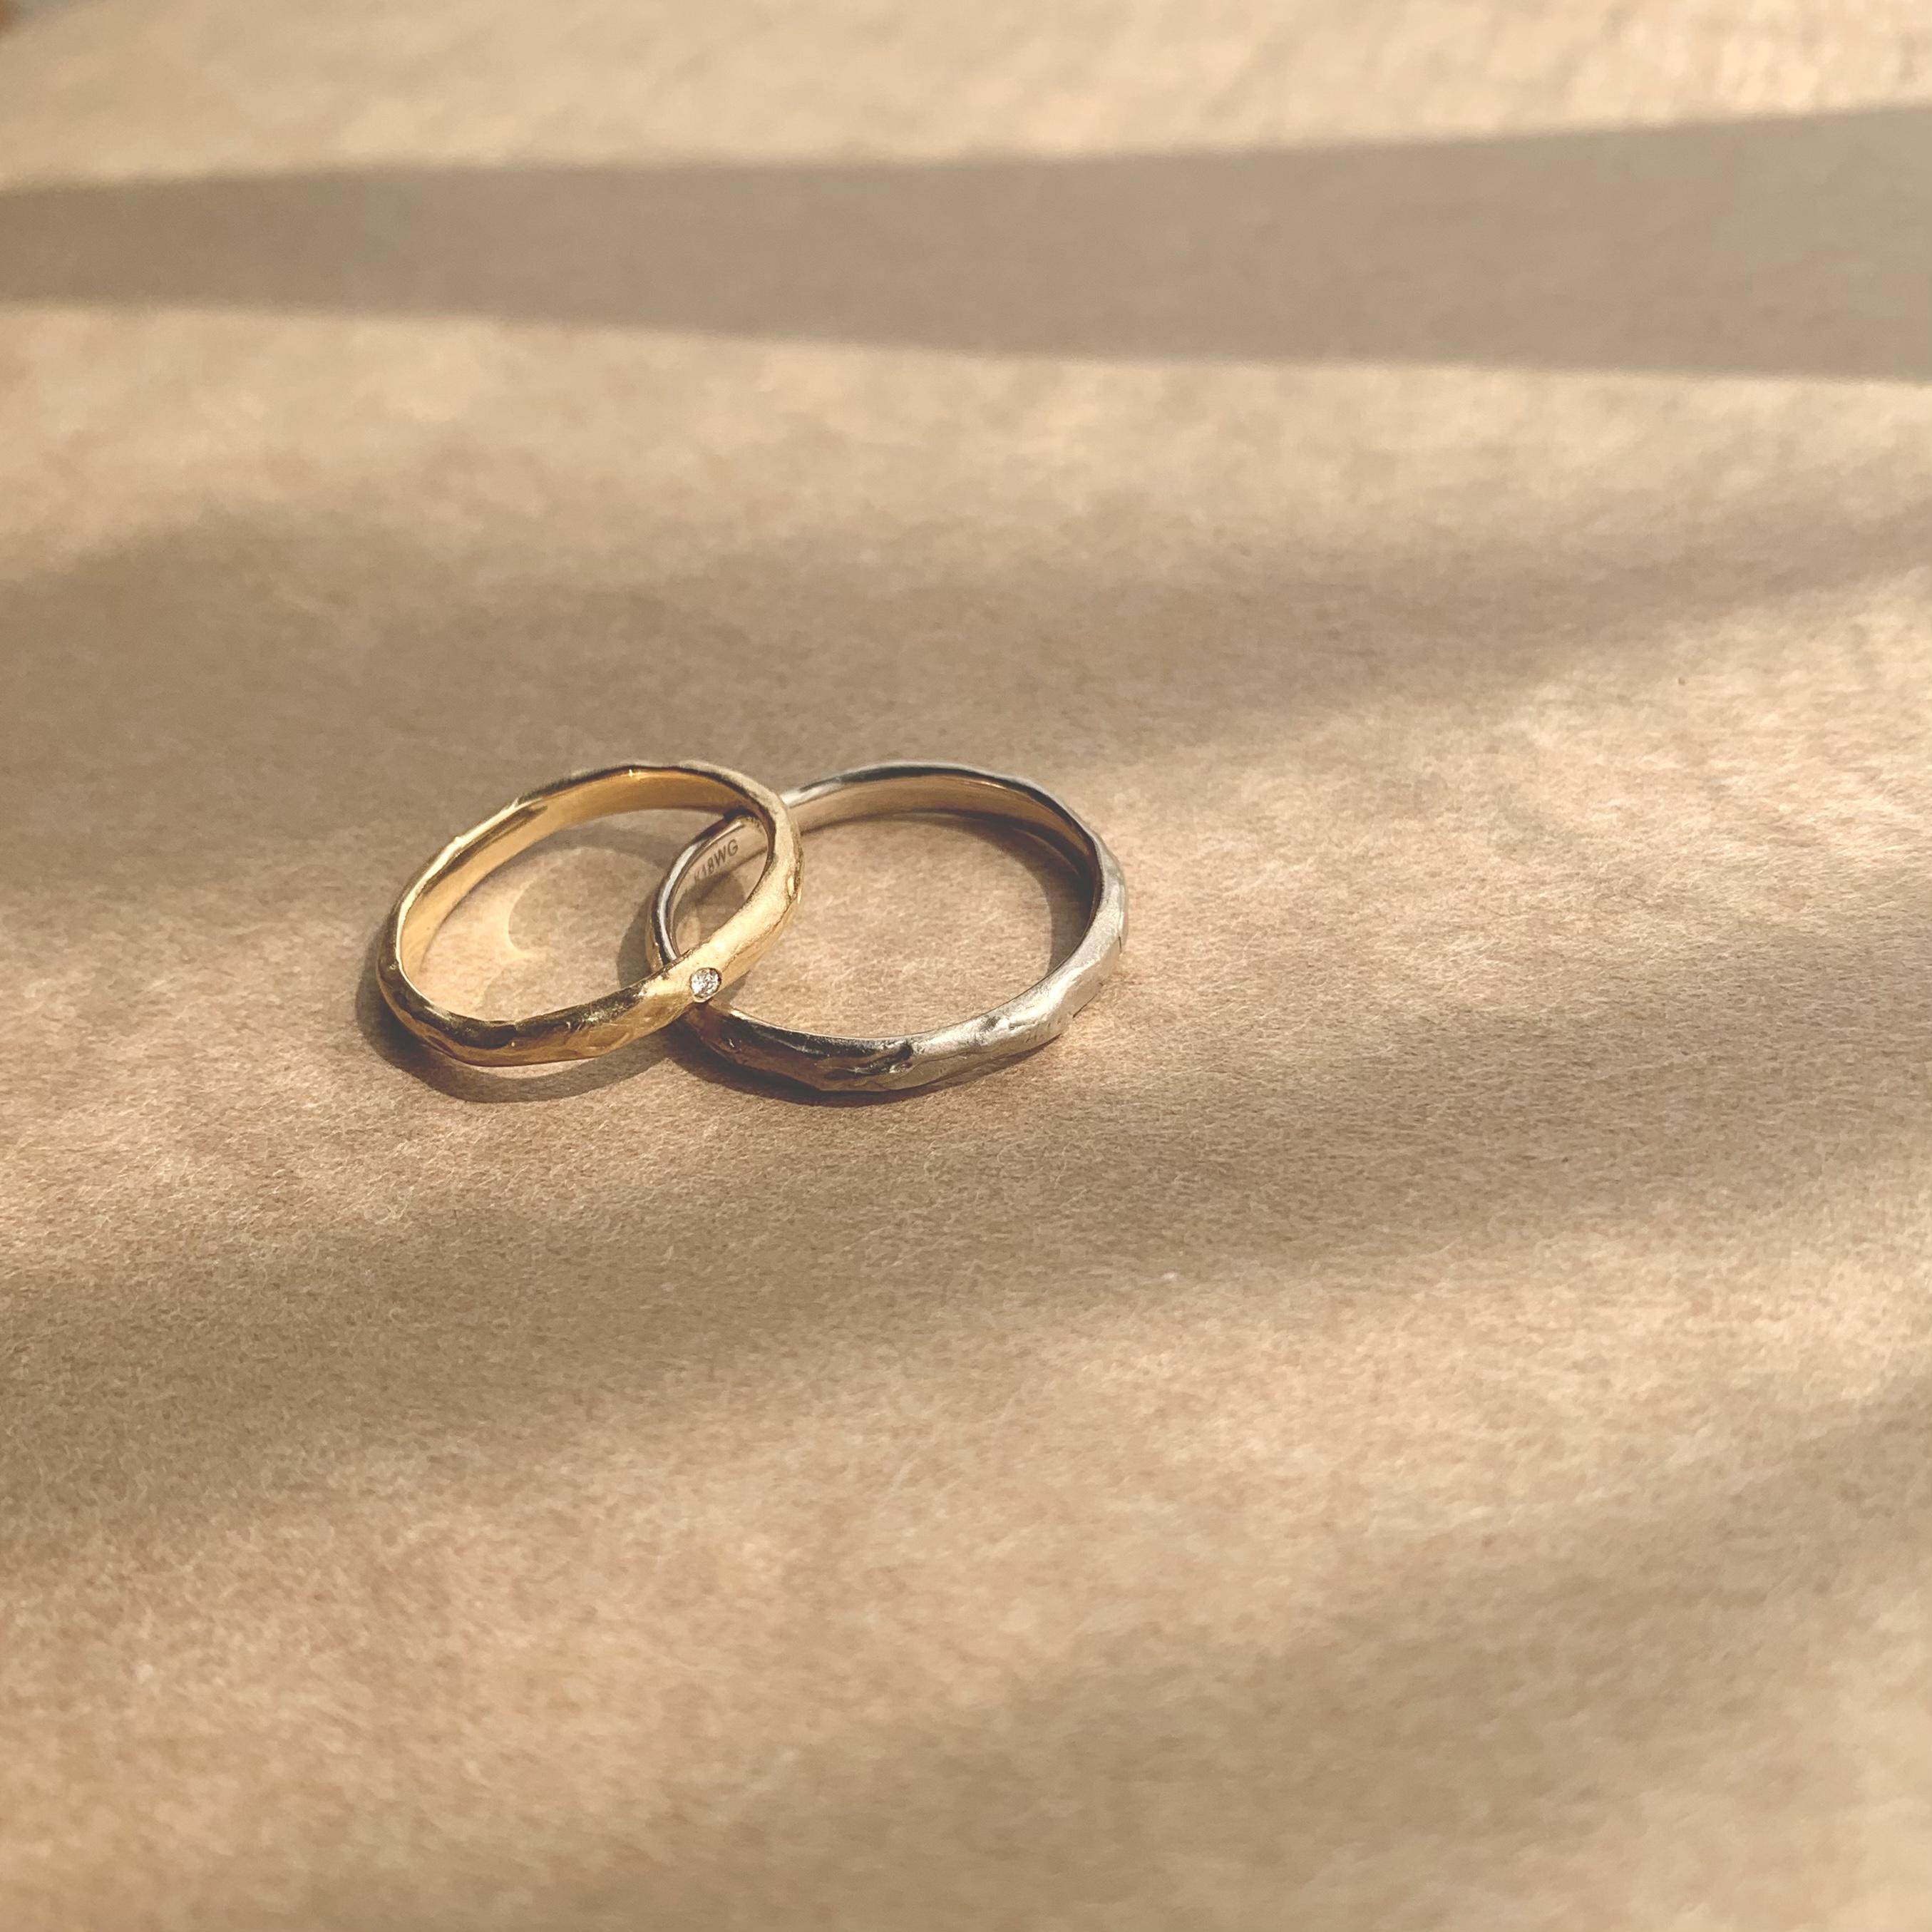 木漏れ日を纏って。結婚指輪「Mango tree」